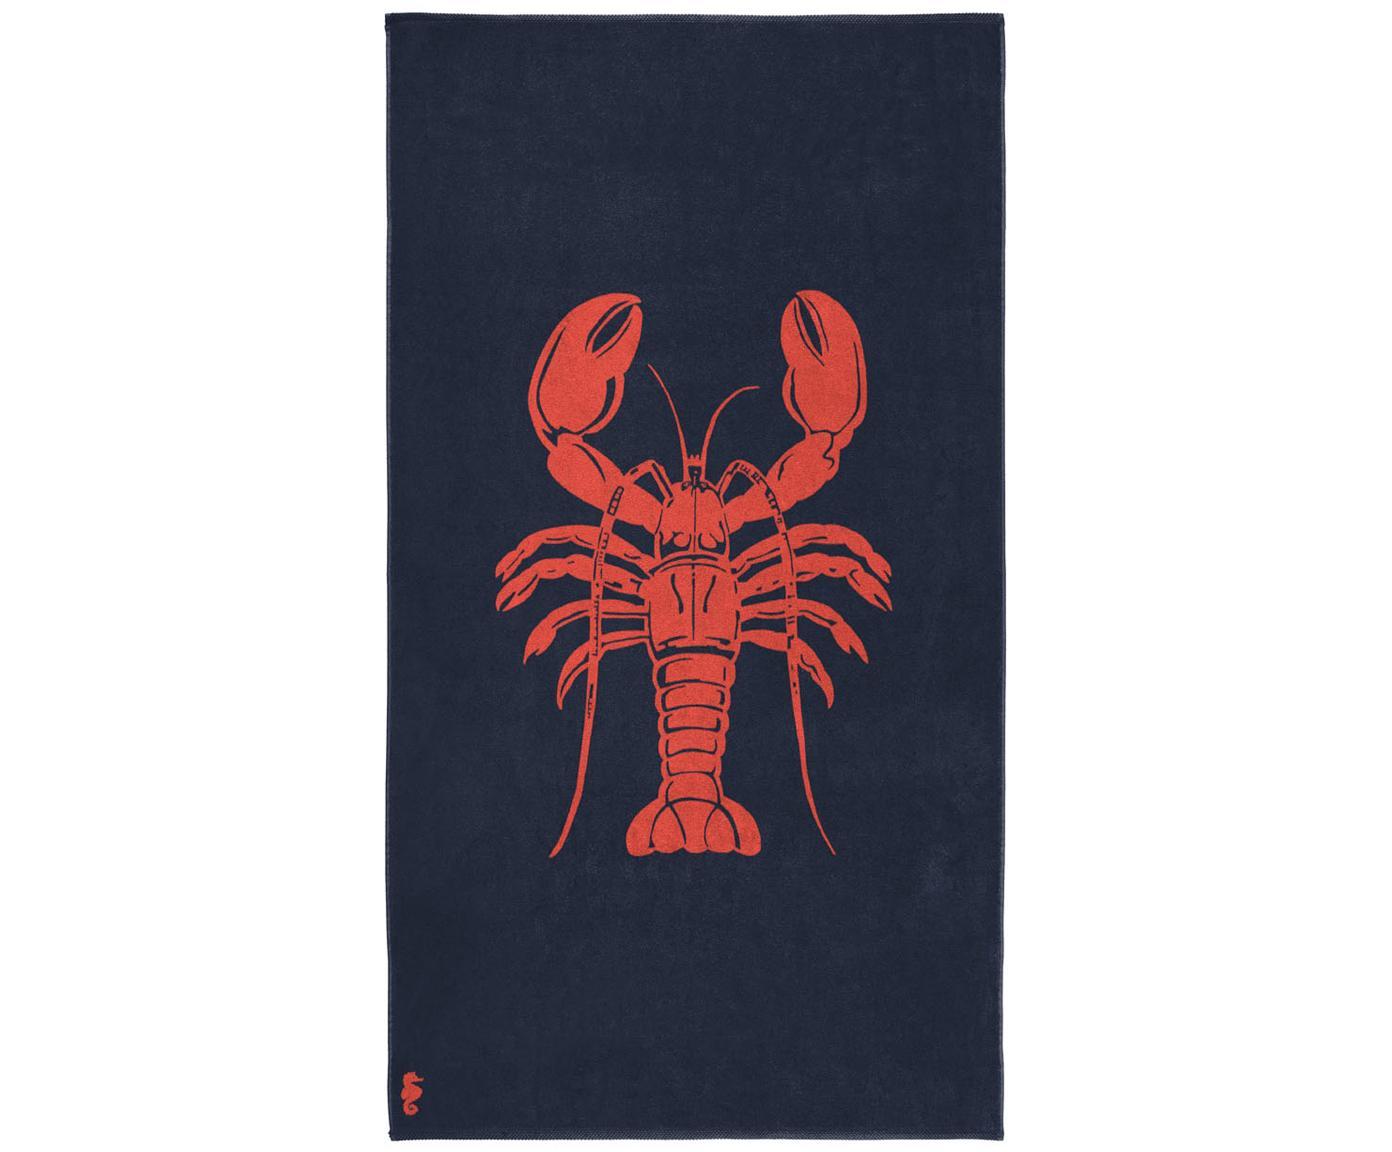 Telo mare Lobster, Velour (cotone) Qualità del tessuto di peso medio, 420g/m², Blu scuro, rosso arancione, P 100 x L 180 cm